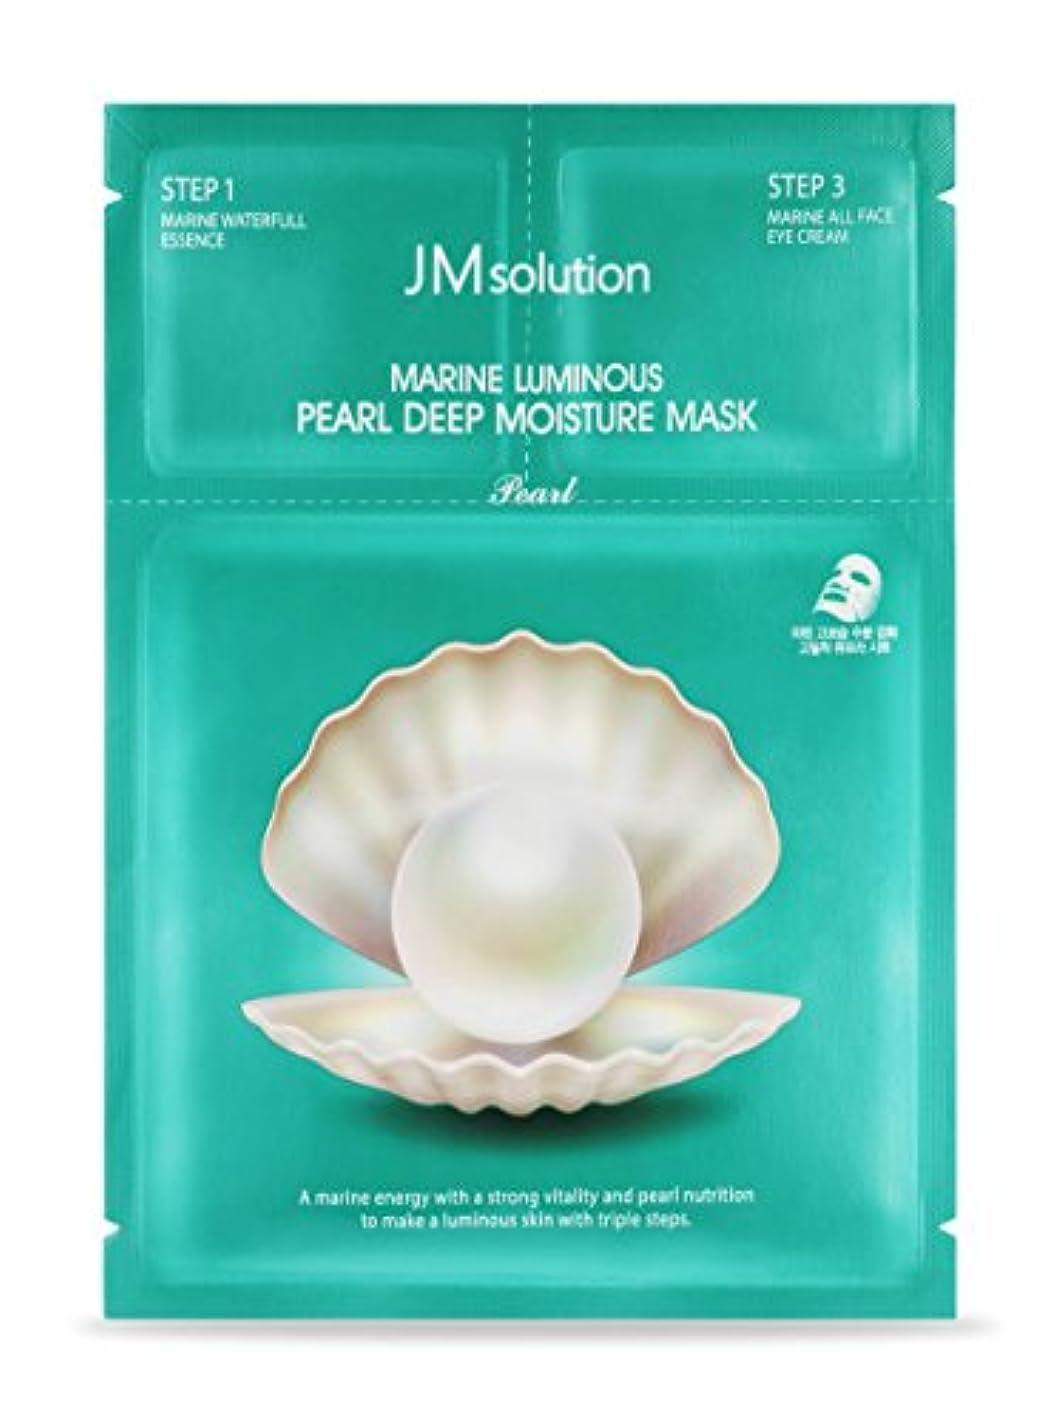 サイトライン白い伝染性のJMsolution(JMソルーション) マリンルミナスパールディープモイスチャマスク10枚セット